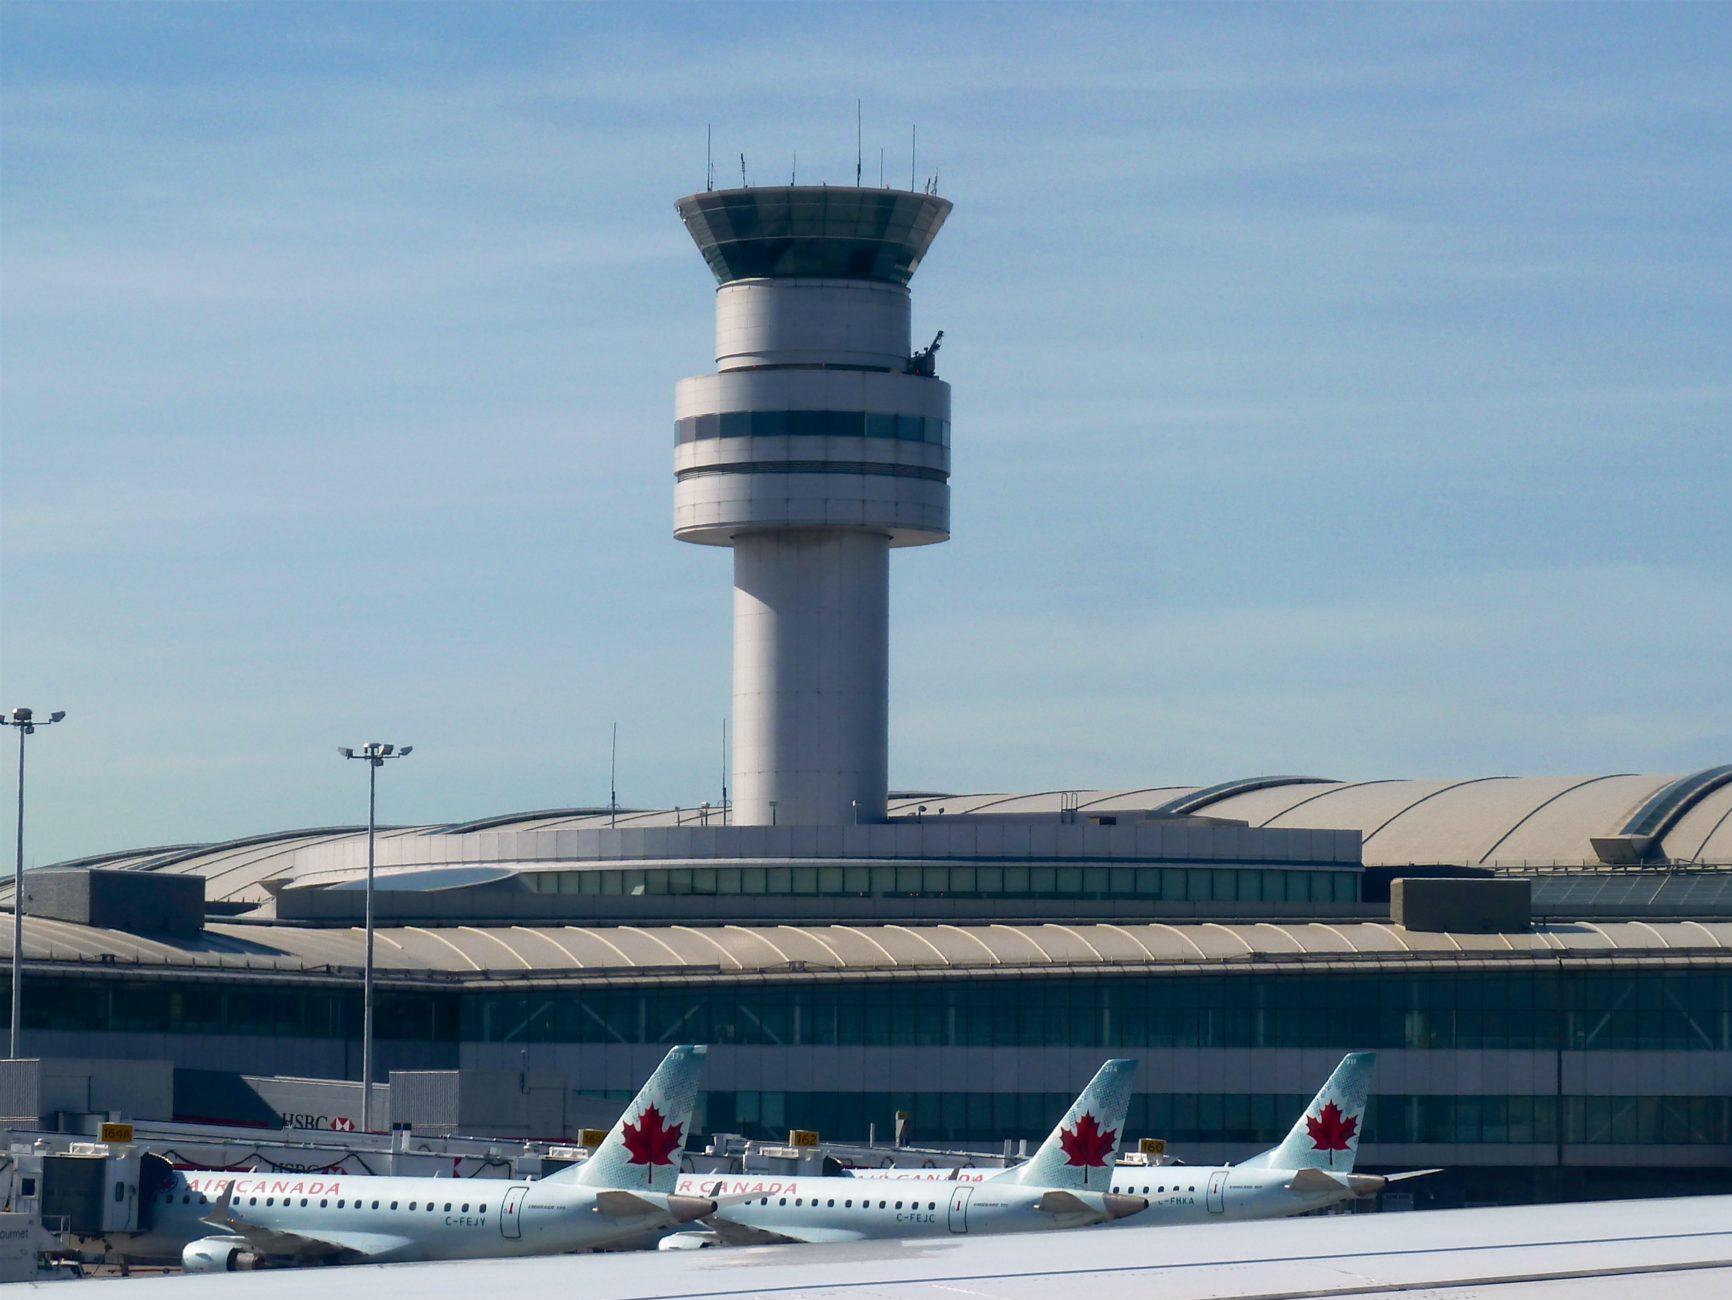 Wieża lotniska Toronto Pearson